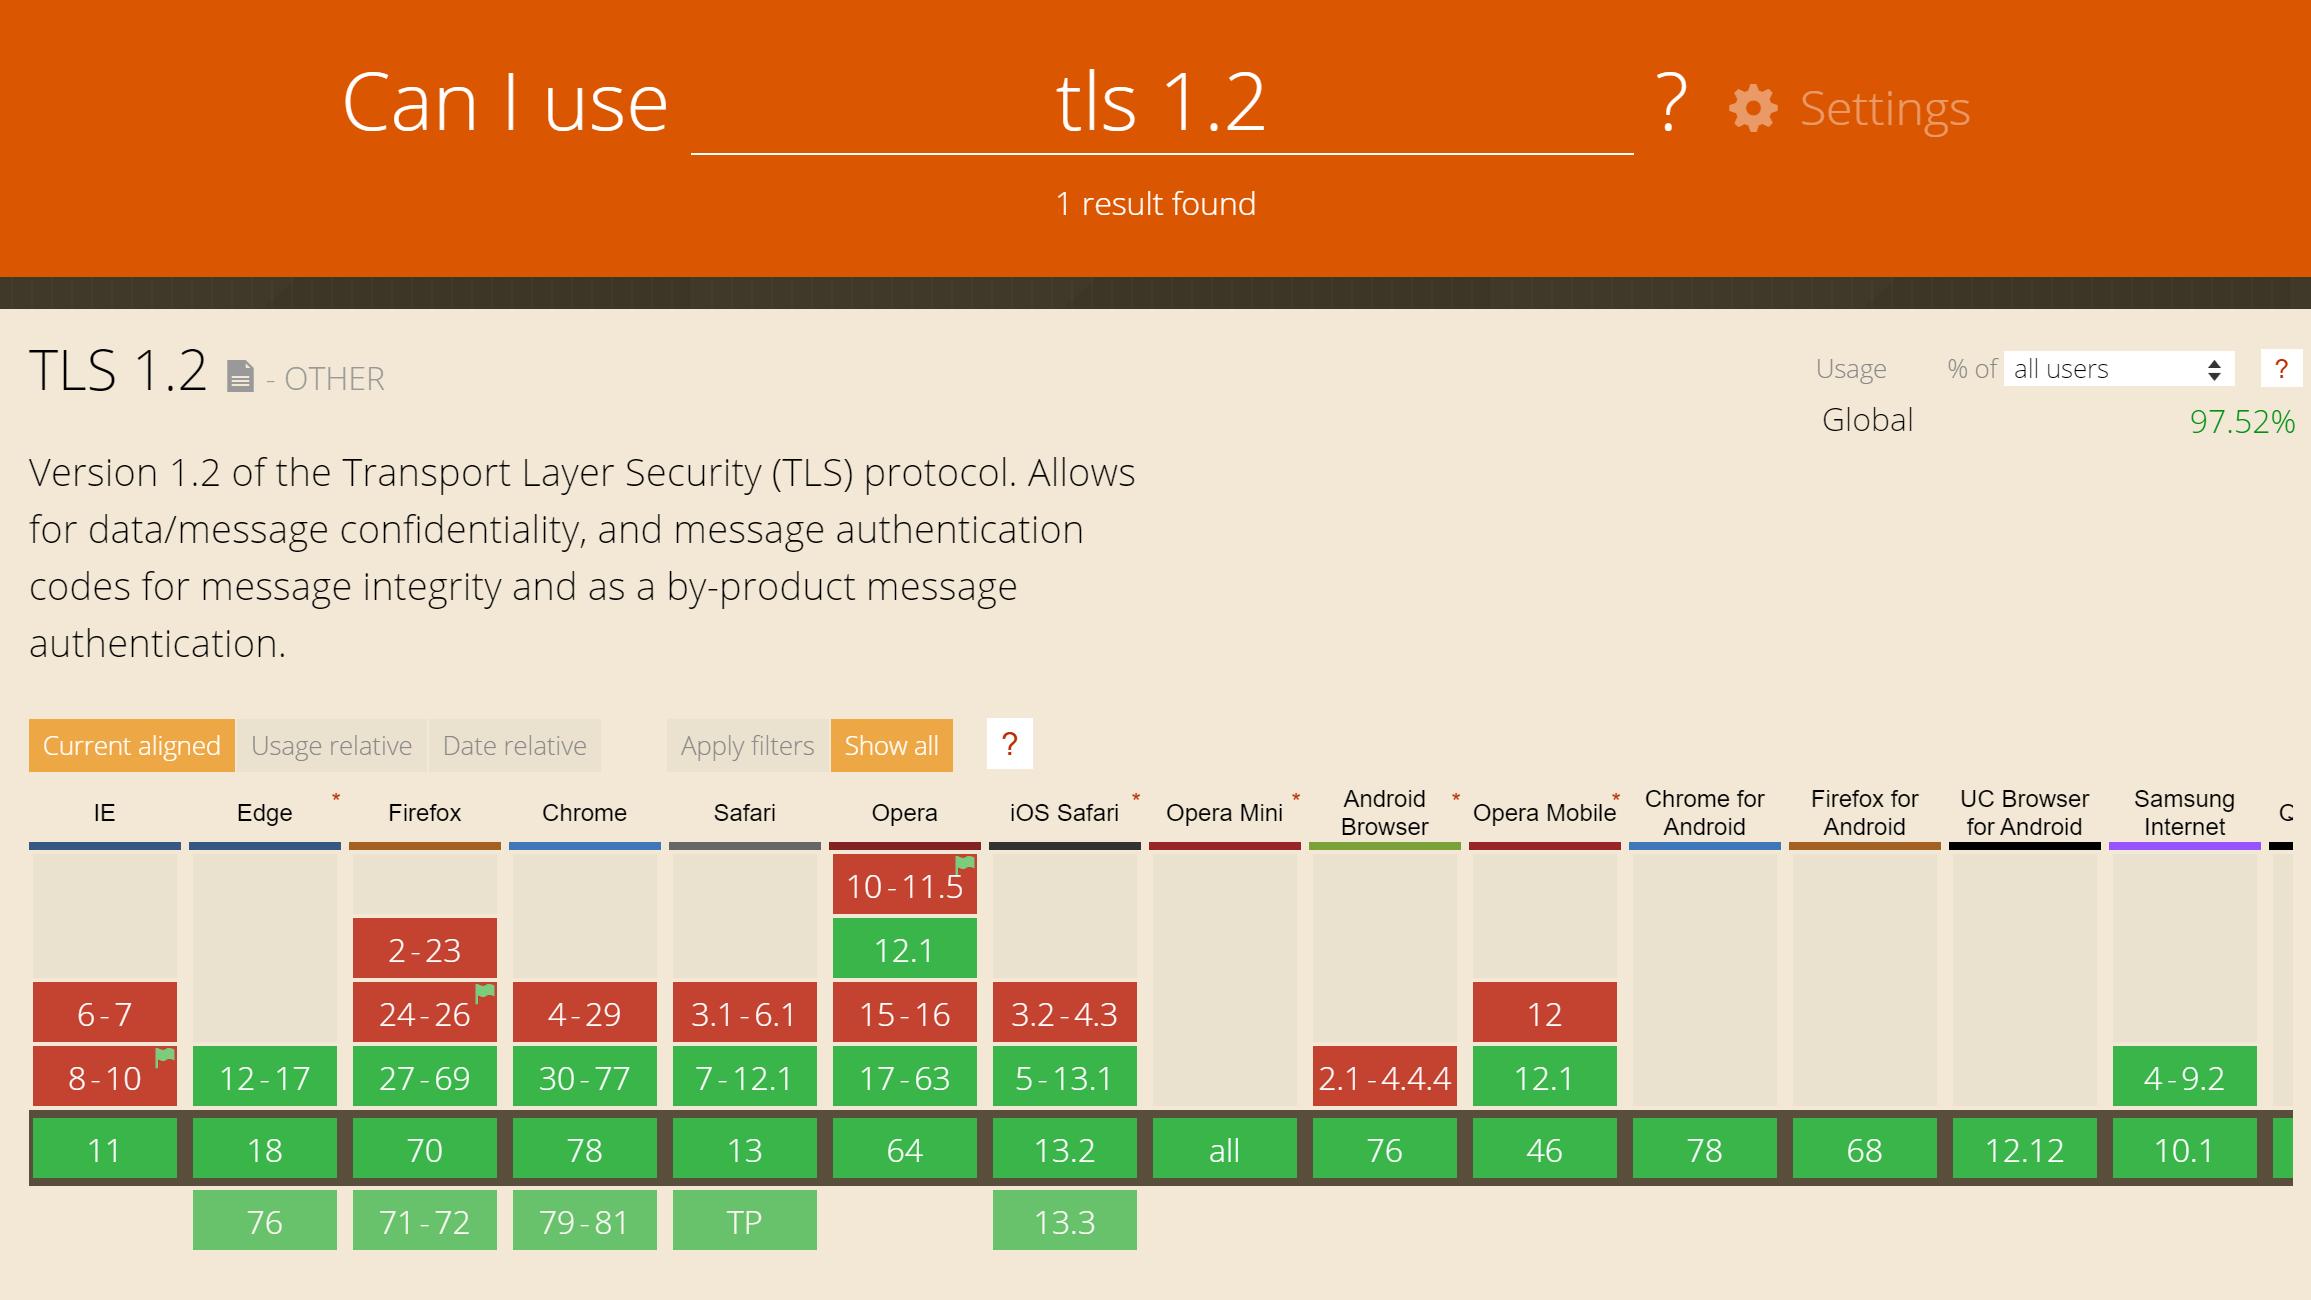 TLS 1.2 webbläsarstöd